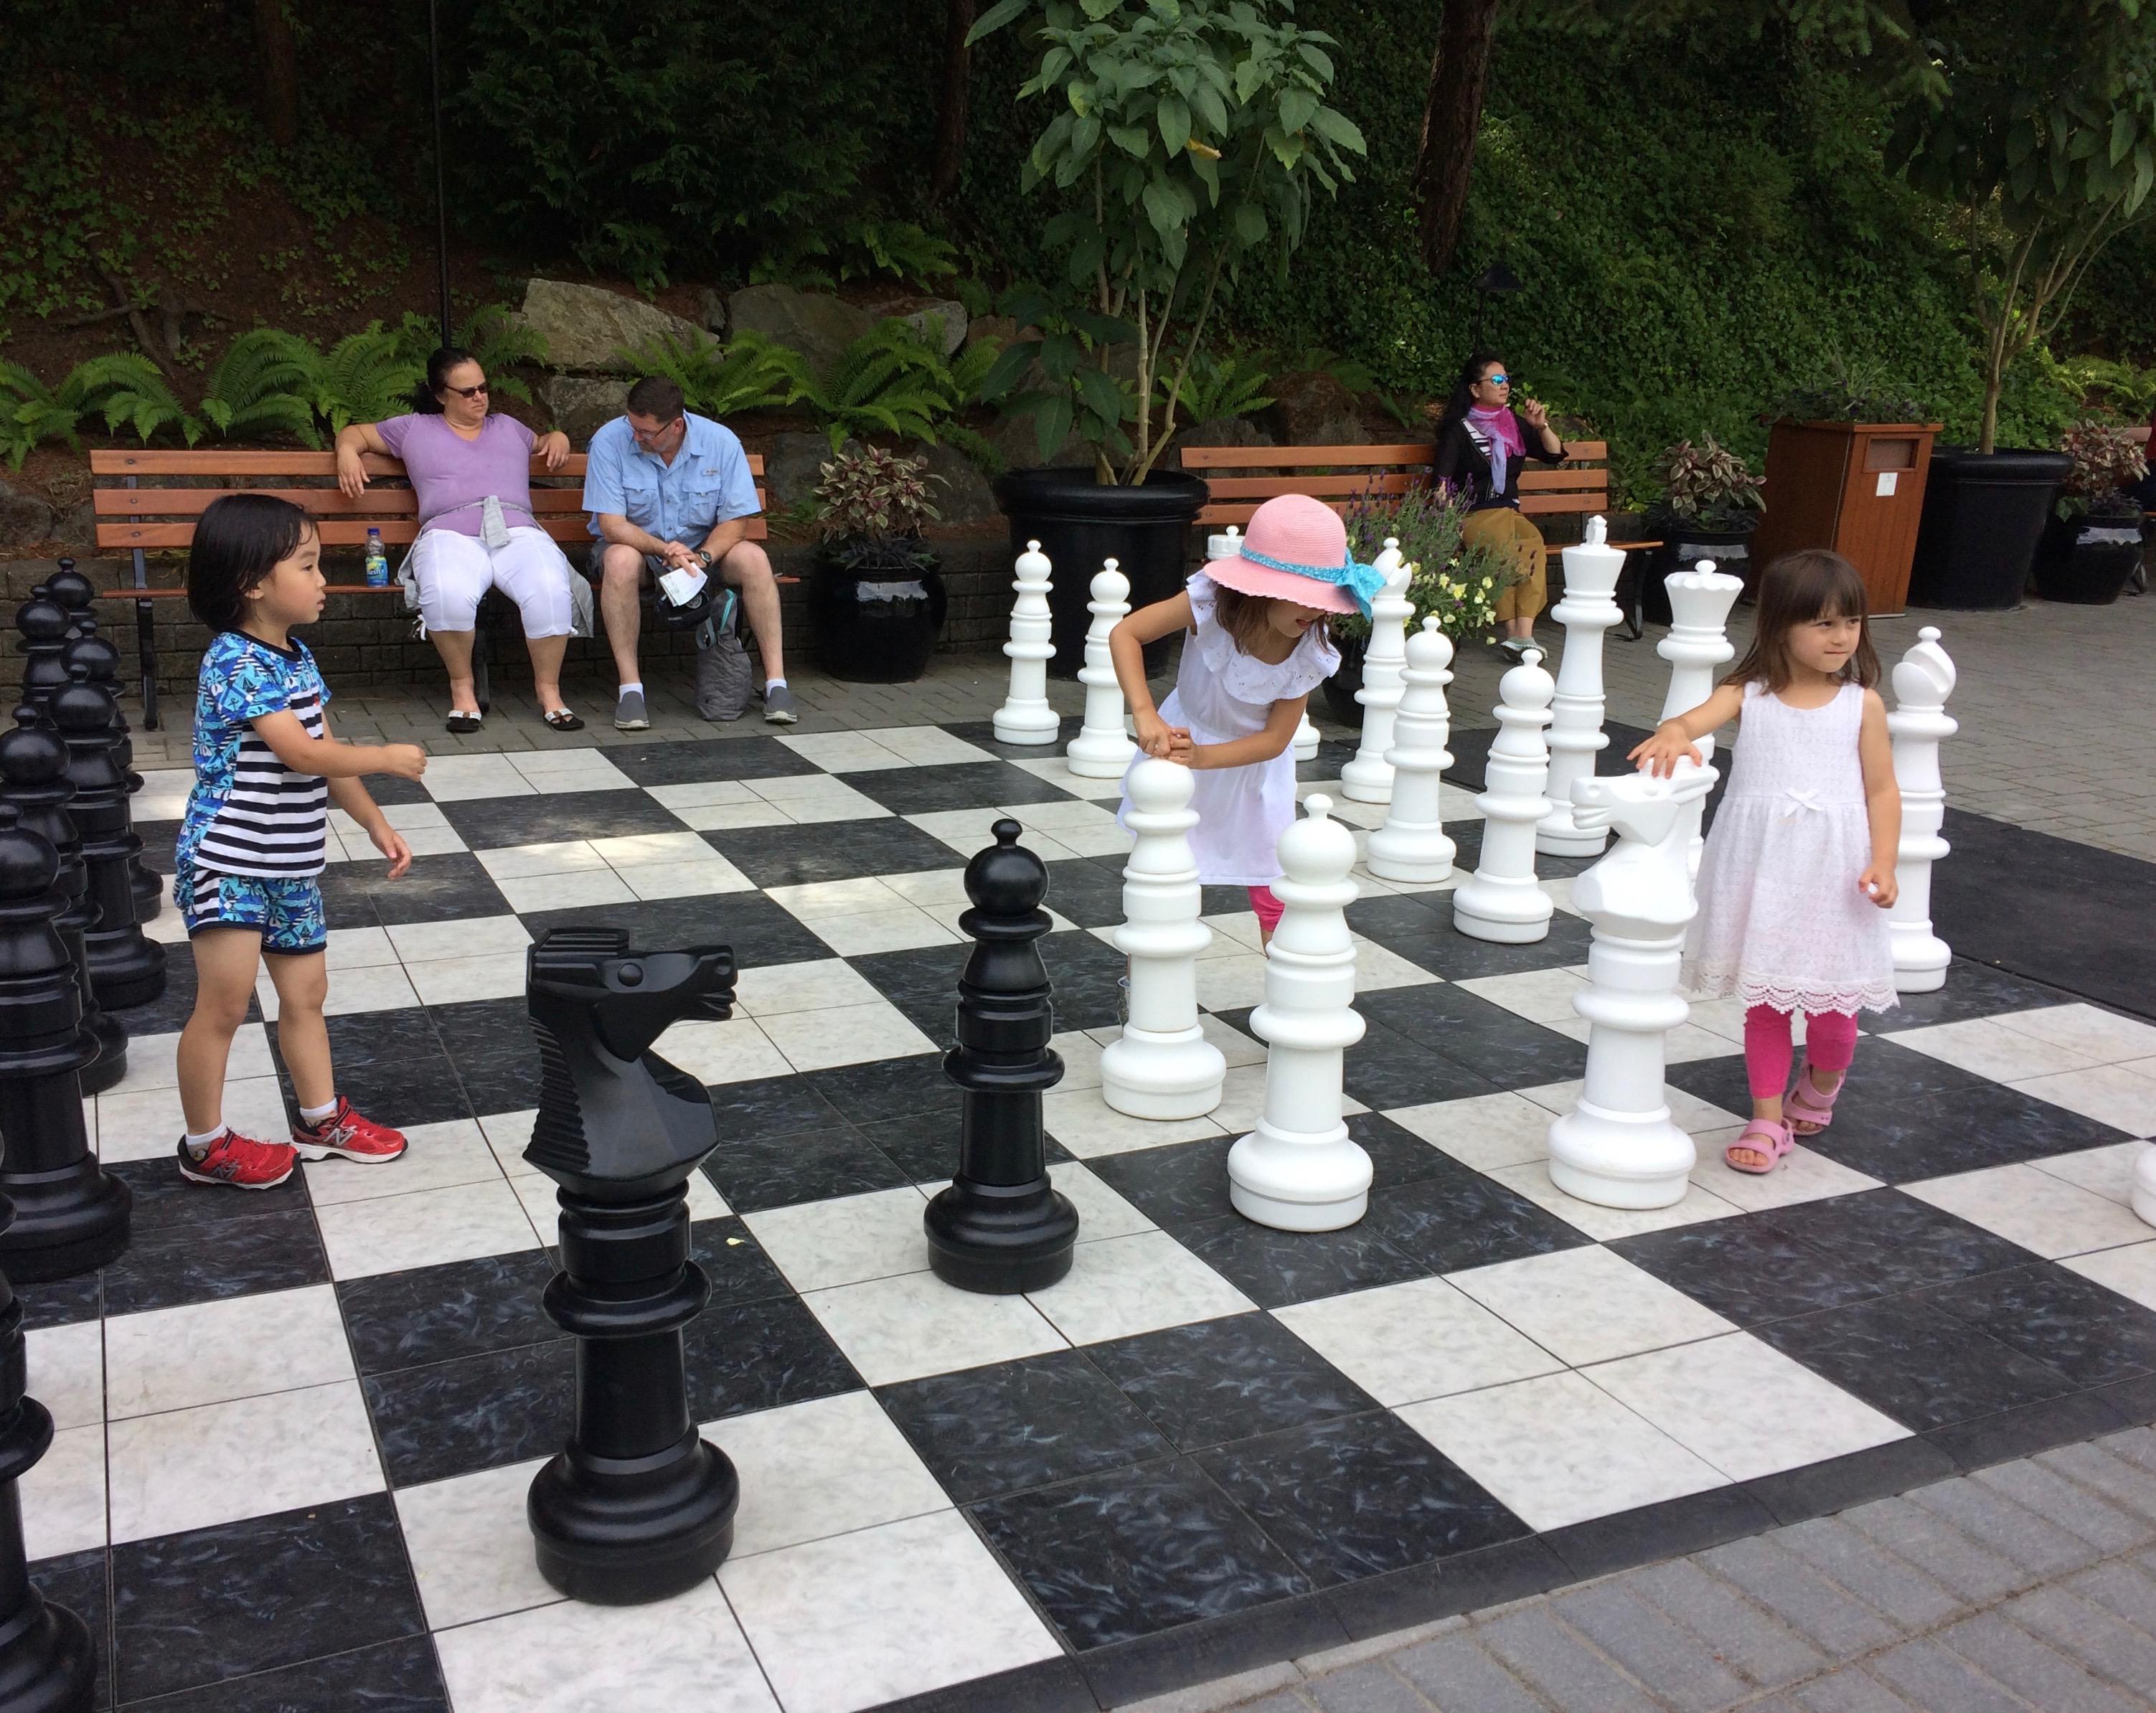 Child-size chess